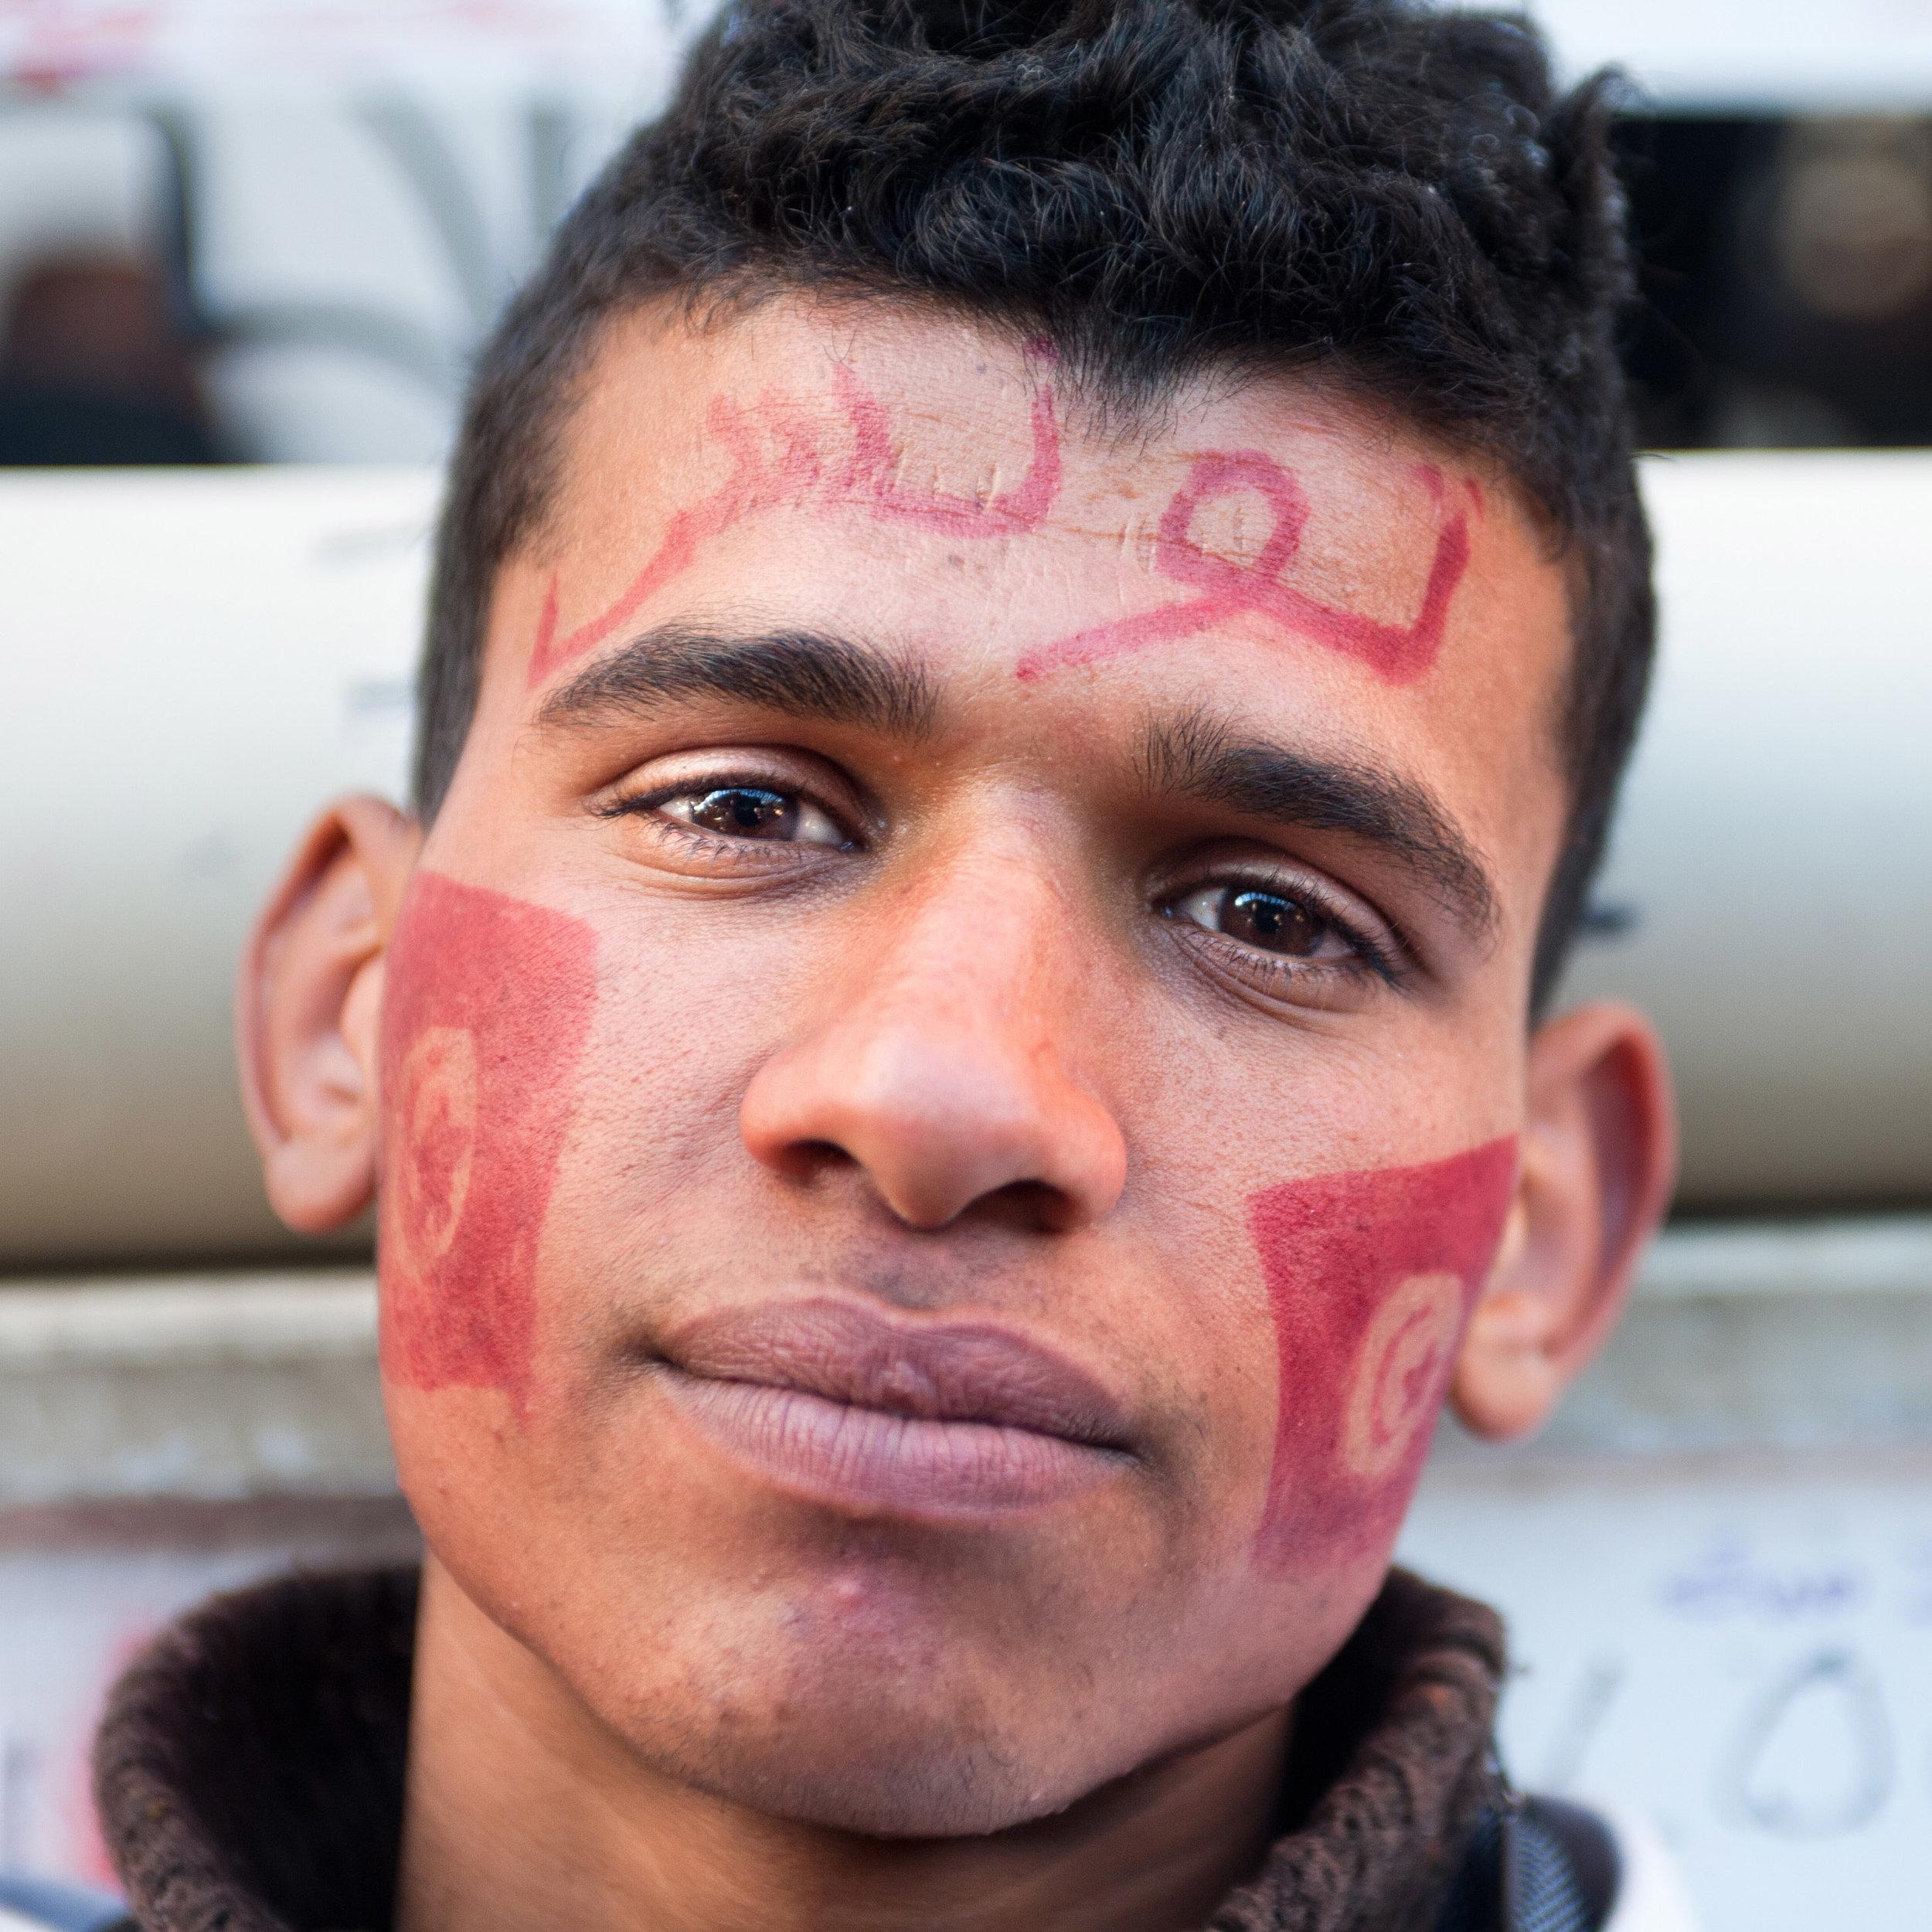 Tunisie, portrait d'une révolution /Tunisia, portrait of a révolution. 2011